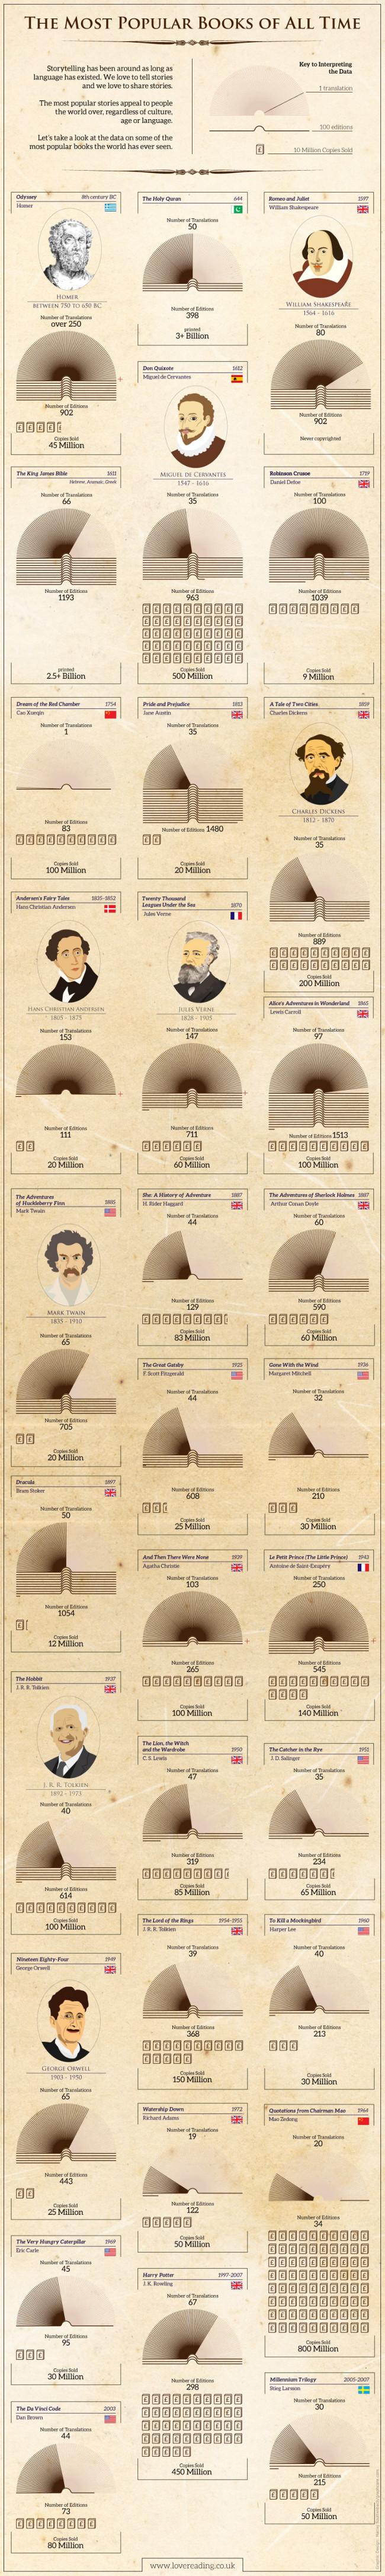 Die populärsten Bücher aller Zeiten